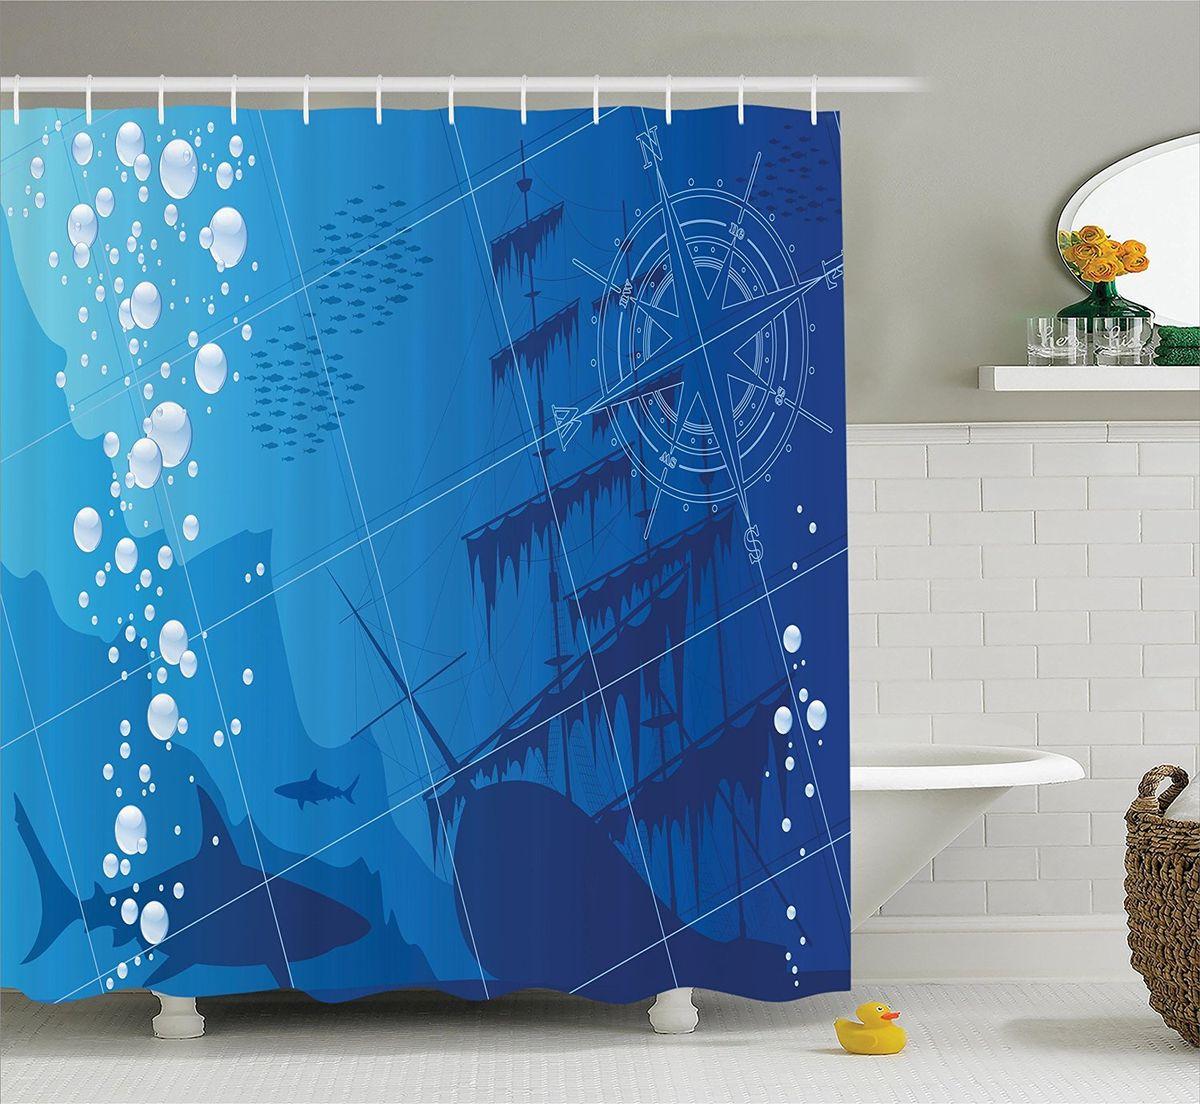 Штора для ванной комнаты Magic Lady Акулы у затонувшего корабля, 180 х 200 см68/5/2Штора Magic Lady Акулы у затонувшего корабля, изготовленная из высококачественного сатена (полиэстер 100%), отлично дополнит любой интерьер ванной комнаты. При изготовлении используются специальные гипоаллергенные чернила для прямой печати по ткани, безопасные для человека. В комплекте: 1 штора, 12 крючков. Обращаем ваше внимание, фактический цвет изделия может незначительно отличаться от представленного на фото.